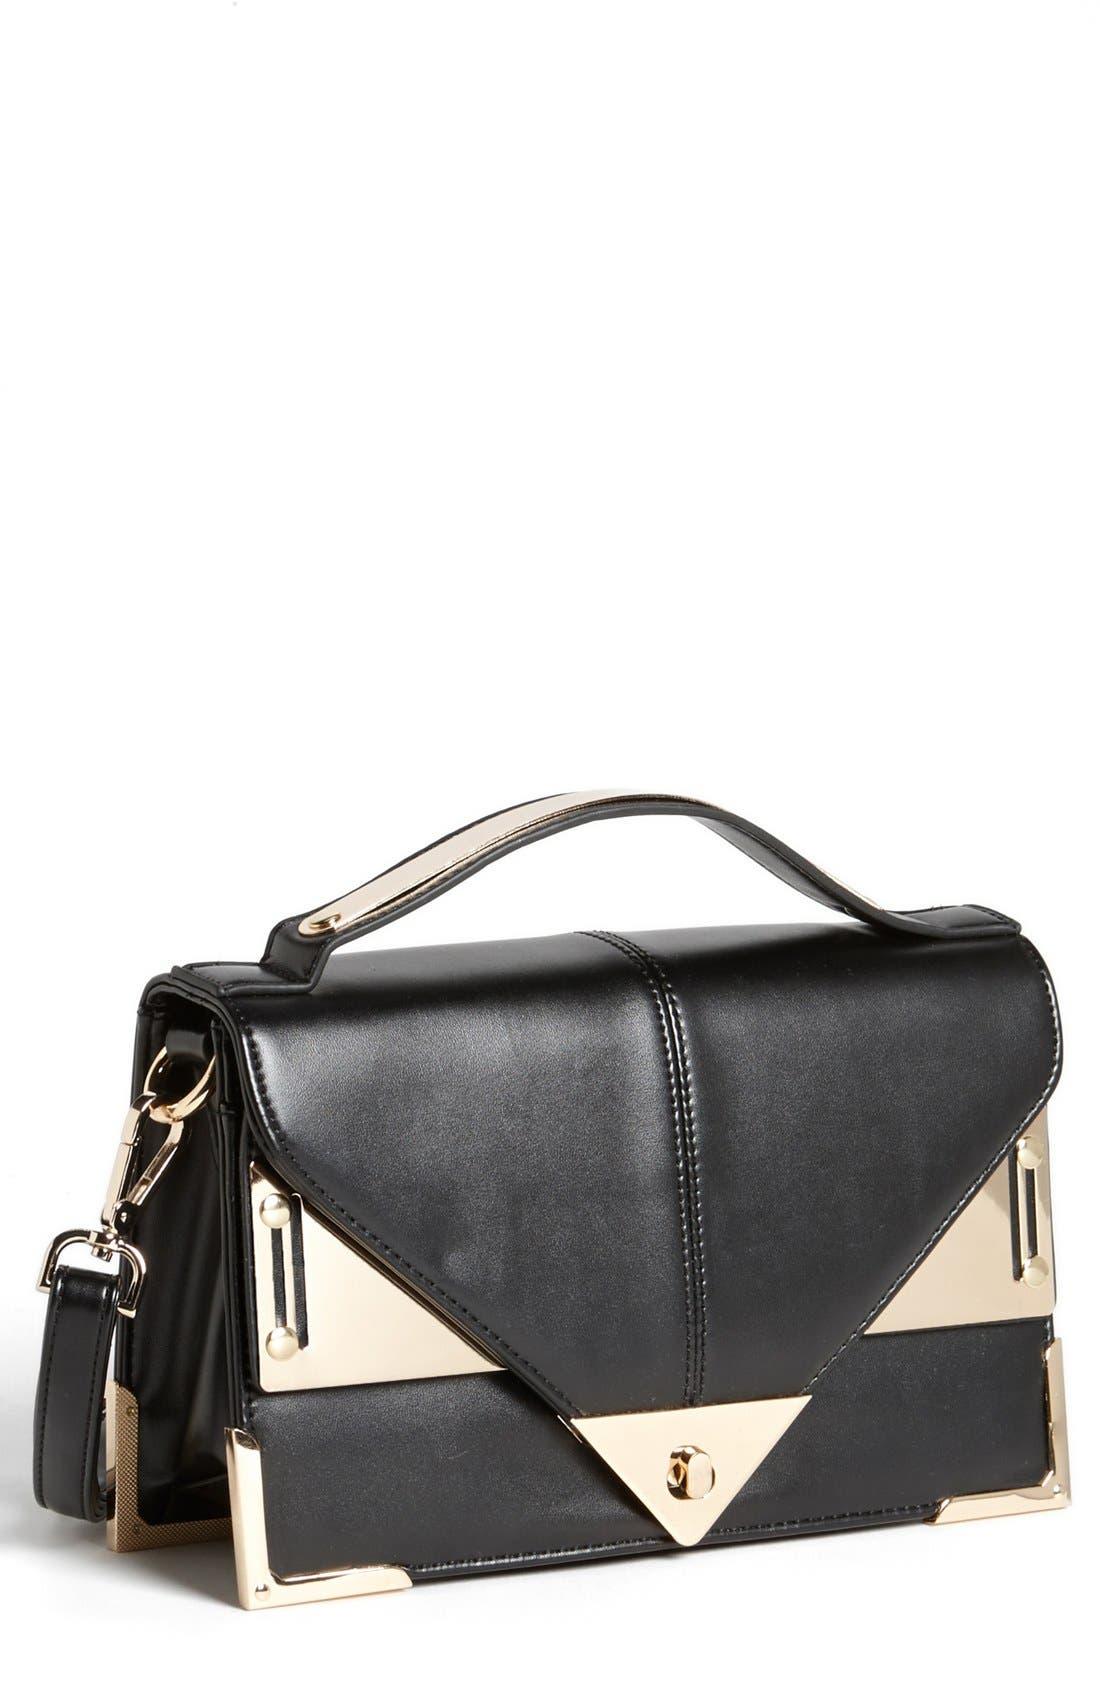 Alternate Image 1 Selected - Nila Anthony Crossbody Bag